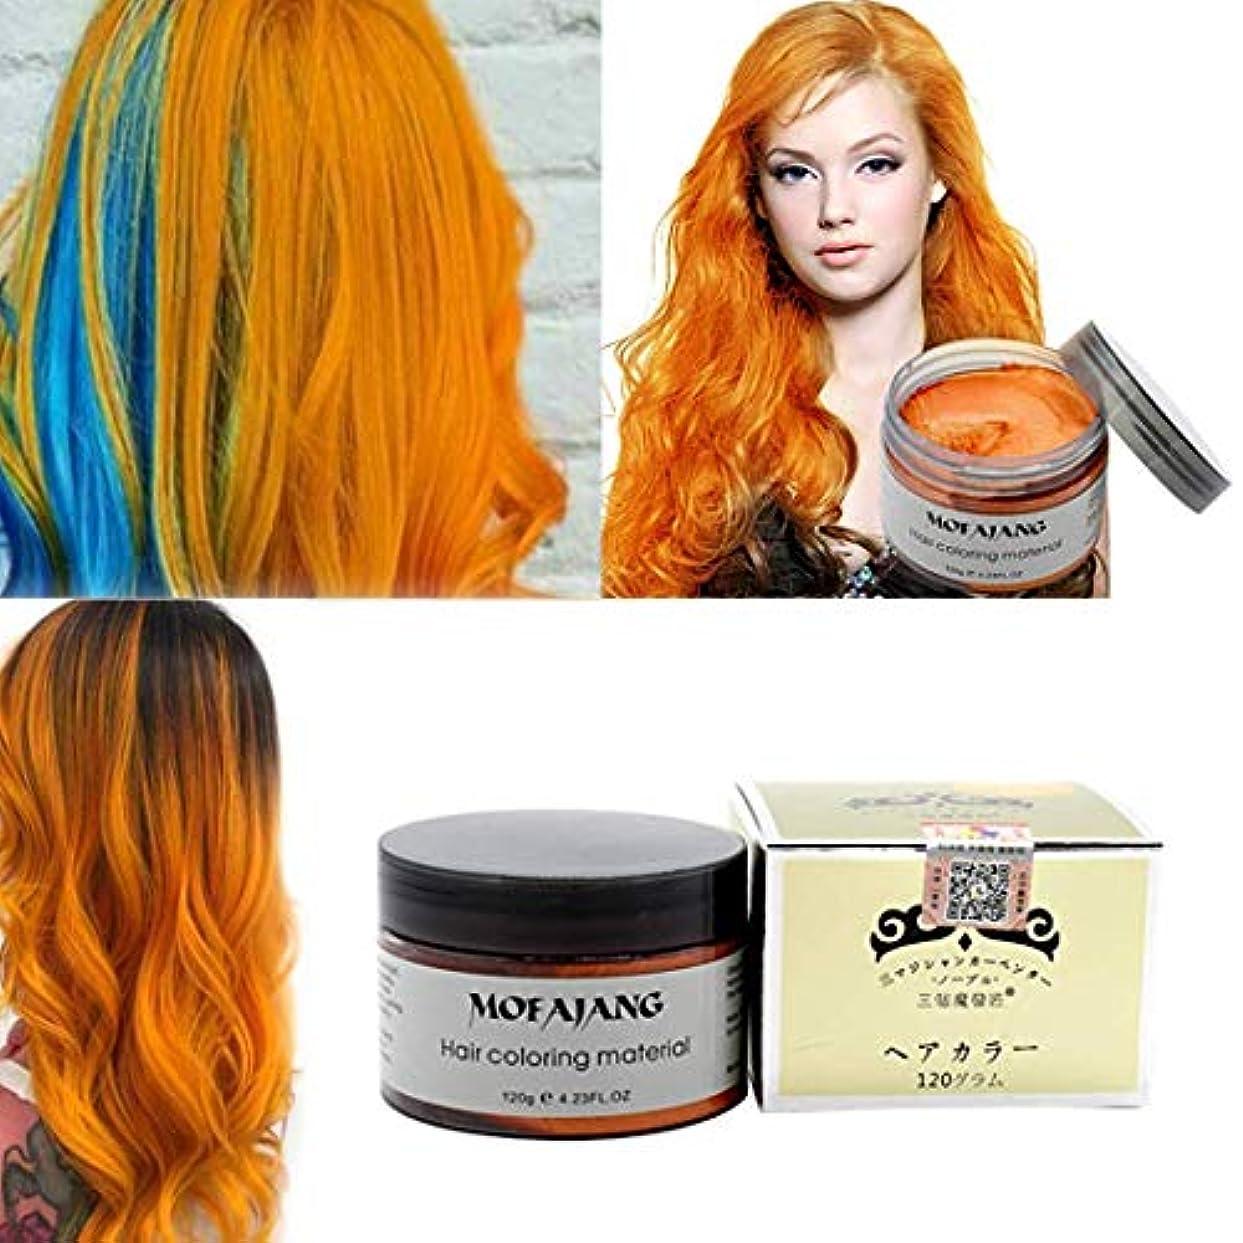 波分割統合する髪色ワックス,一度だけ一時的に自然色染料ヘアワックスをモデリング,パーティーのための自然なマット髪型。コスプレ、仮装、ナイトクラブ、ハロウィーン (オレンジ)